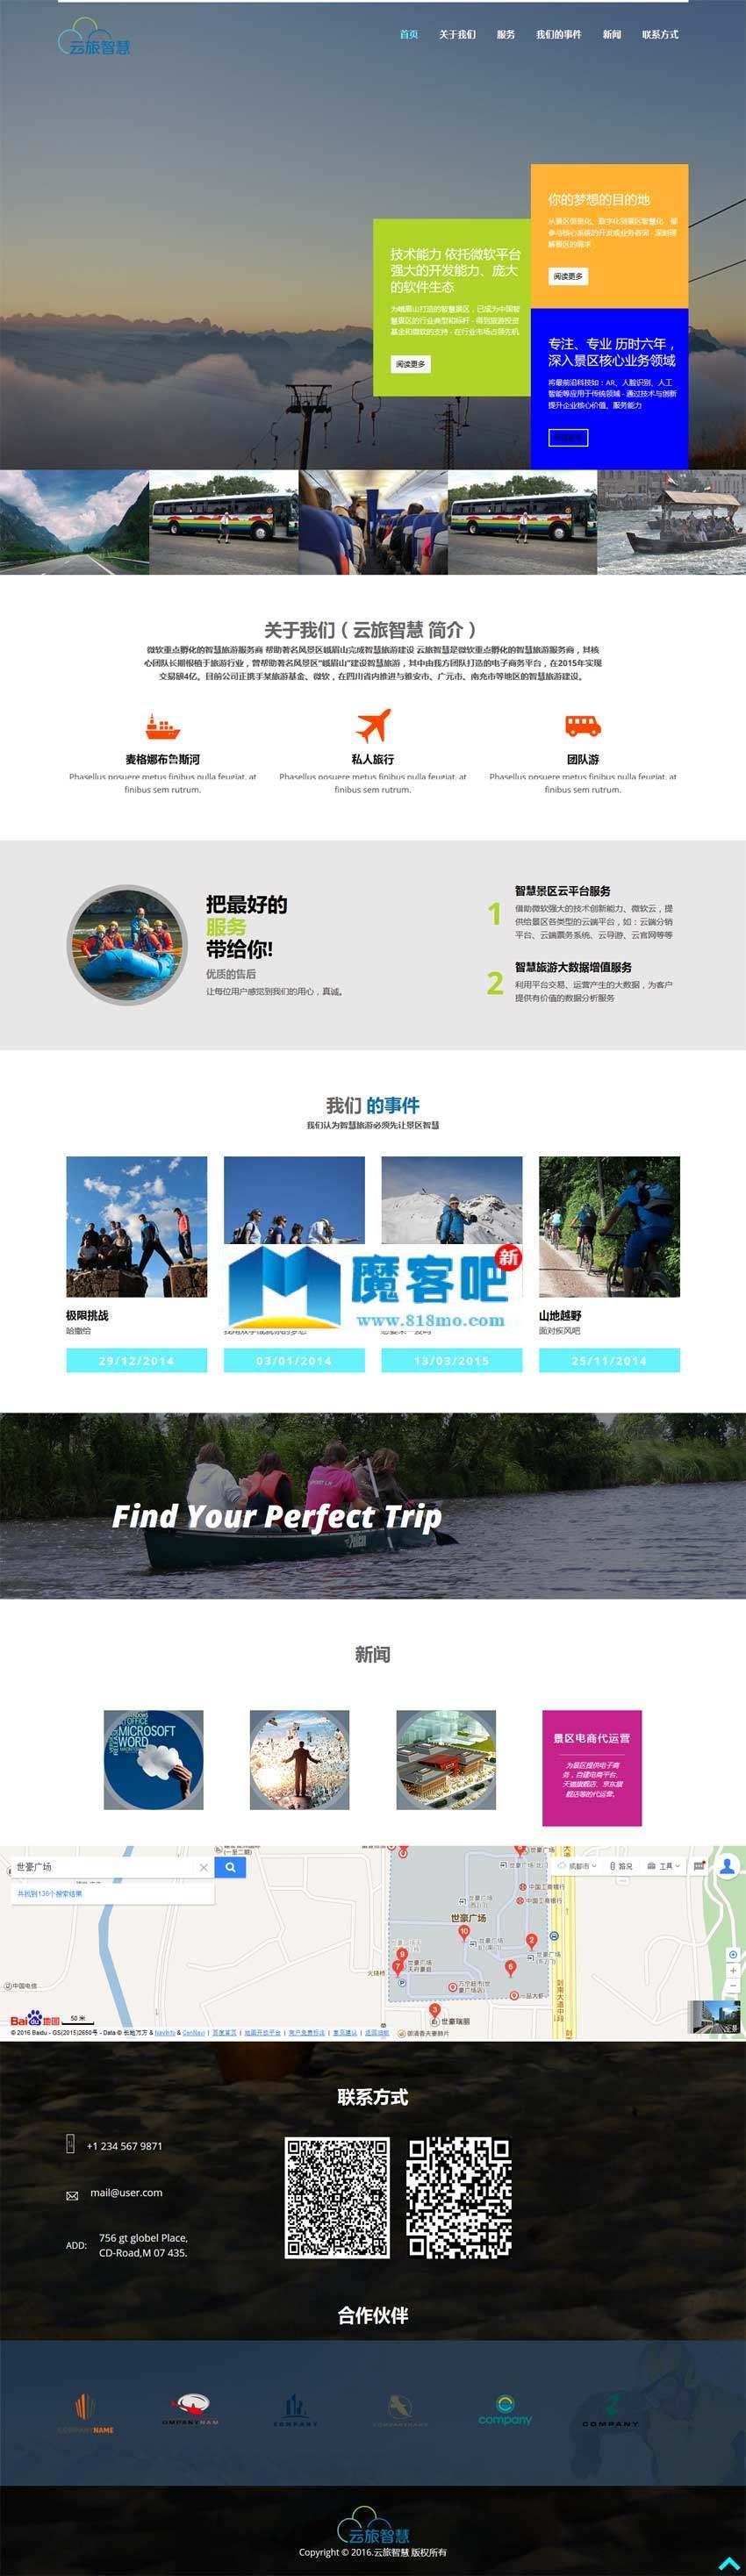 """大气宽屏的旅游公司介绍单页模板 html网页代码下载"""""""